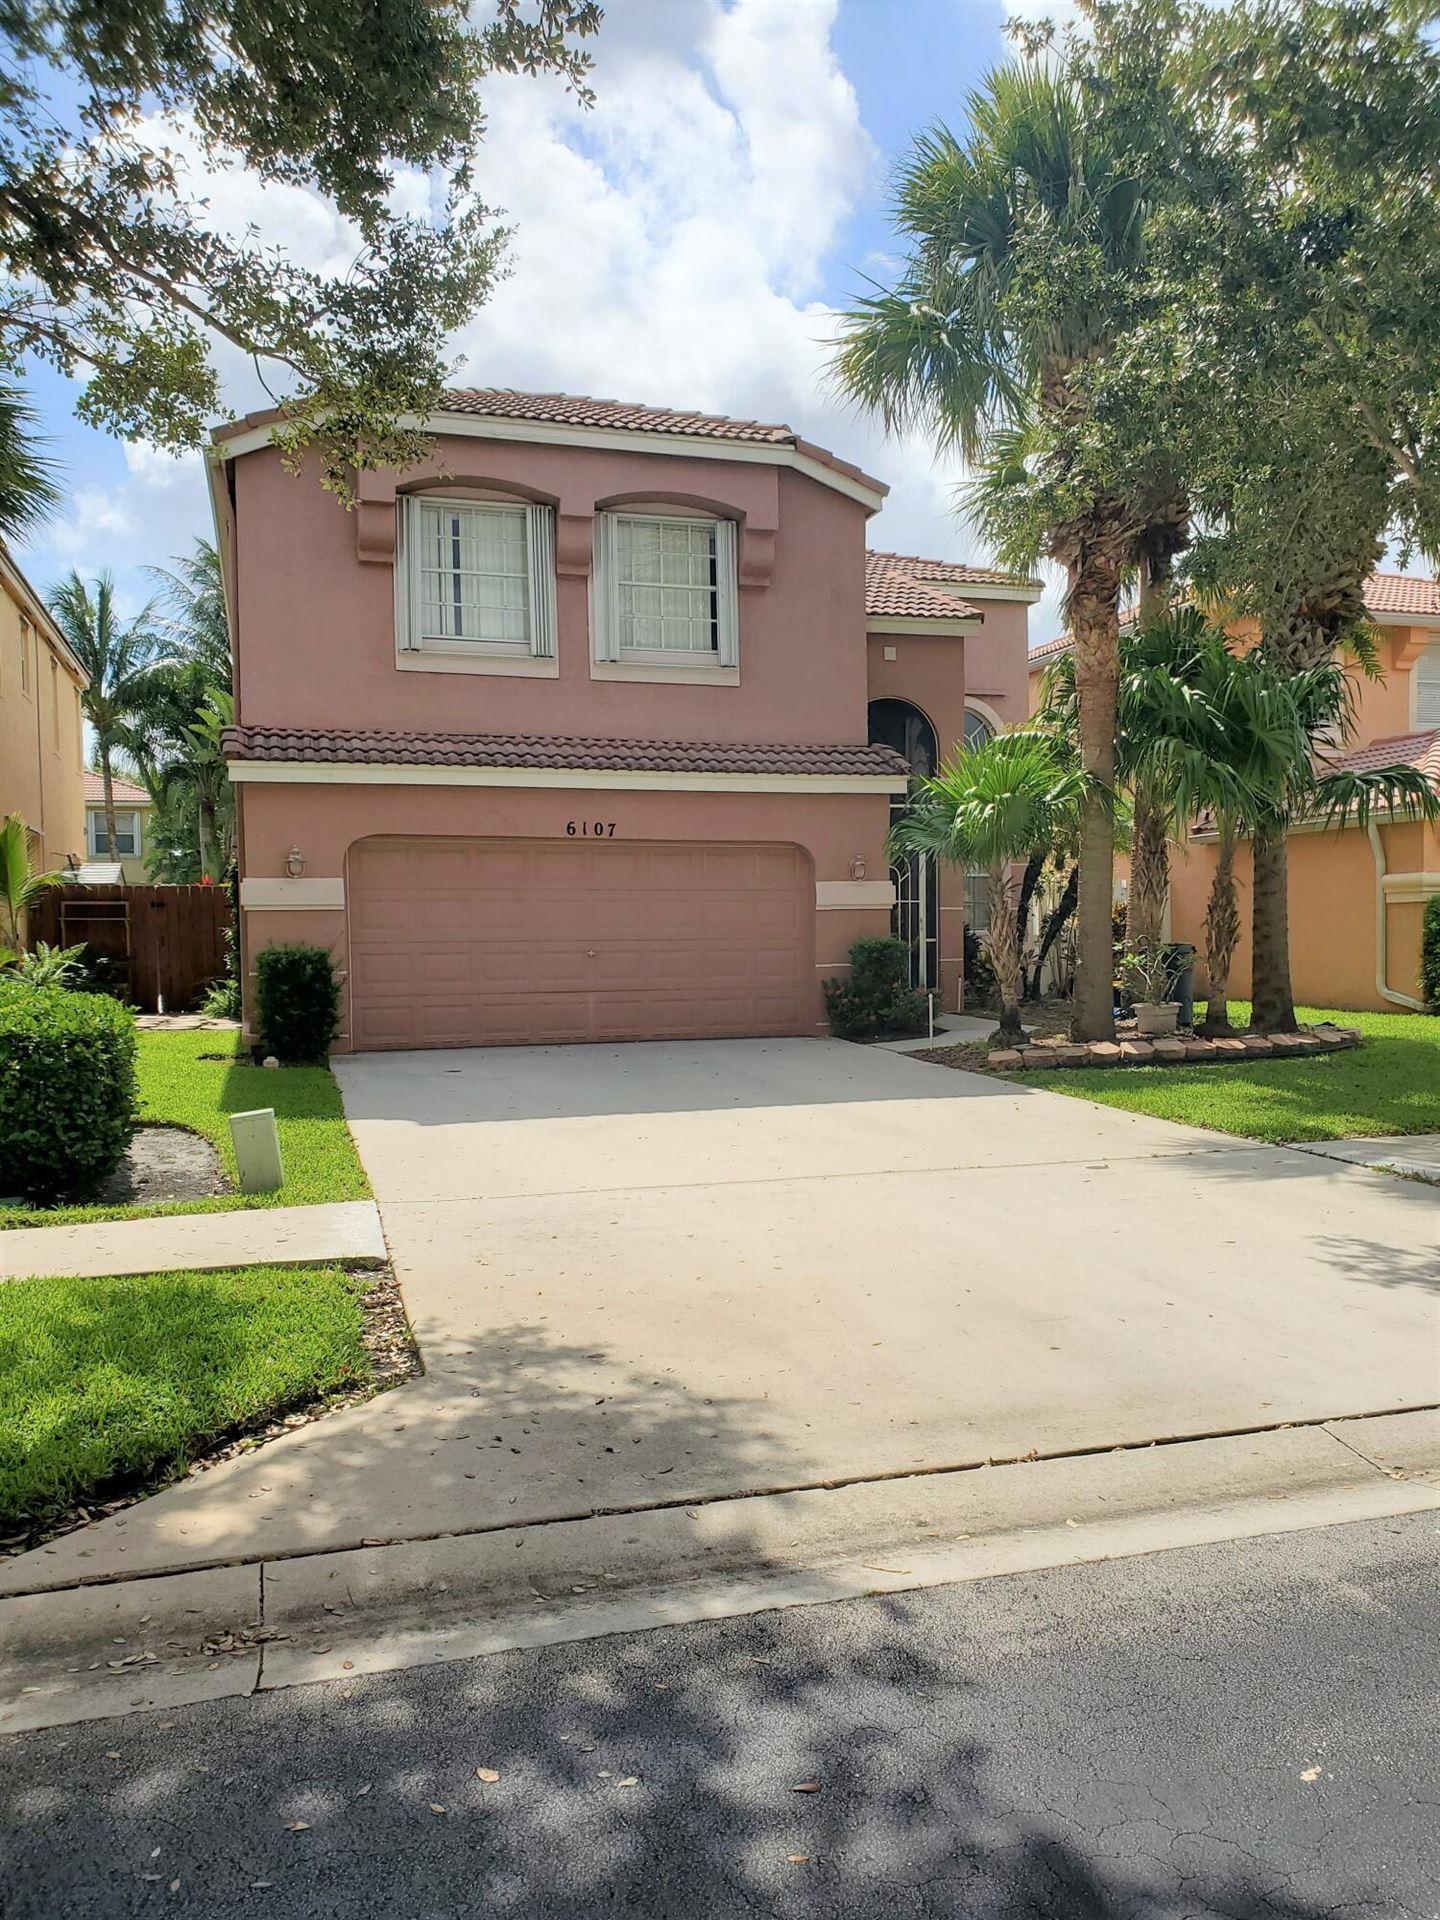 6107 Oak Bluff Way, Lake Worth, FL 33467 - #: RX-10733948